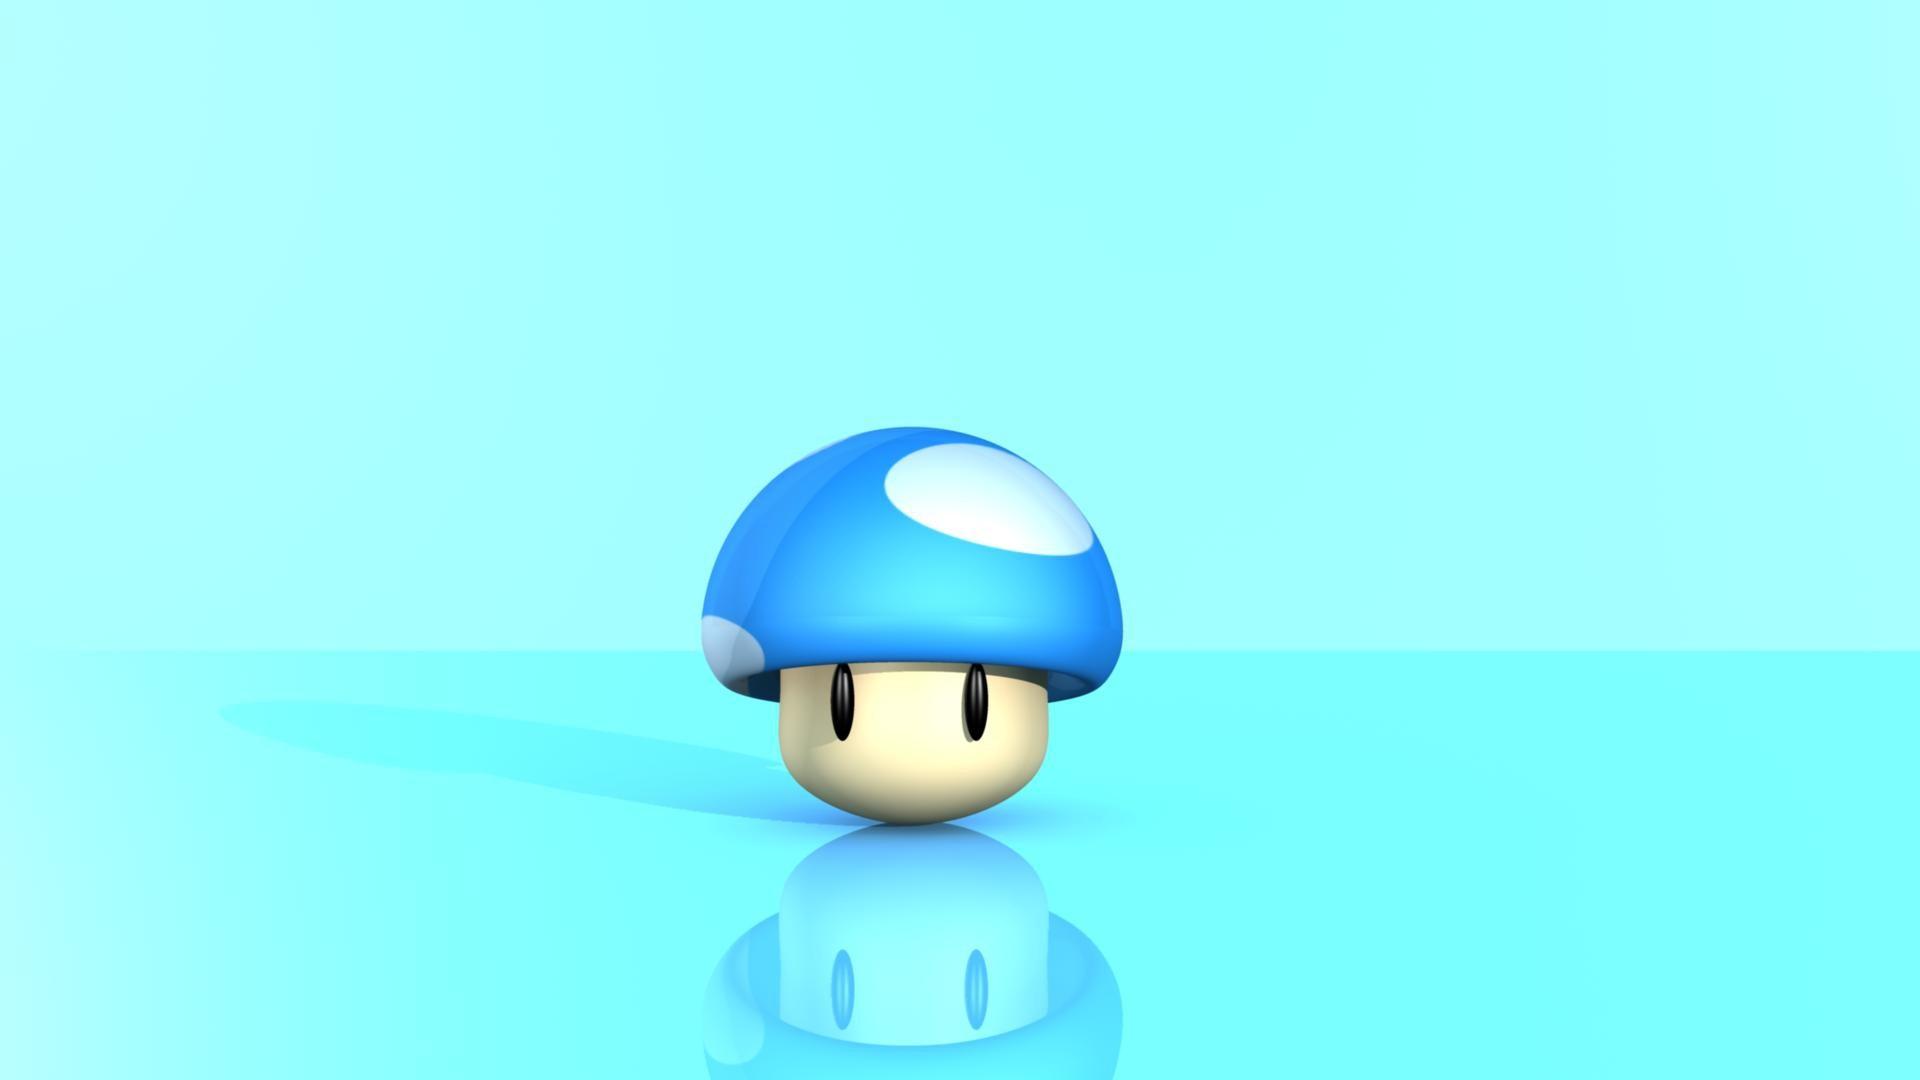 px Super Mario Bros Desktop Wallpapers